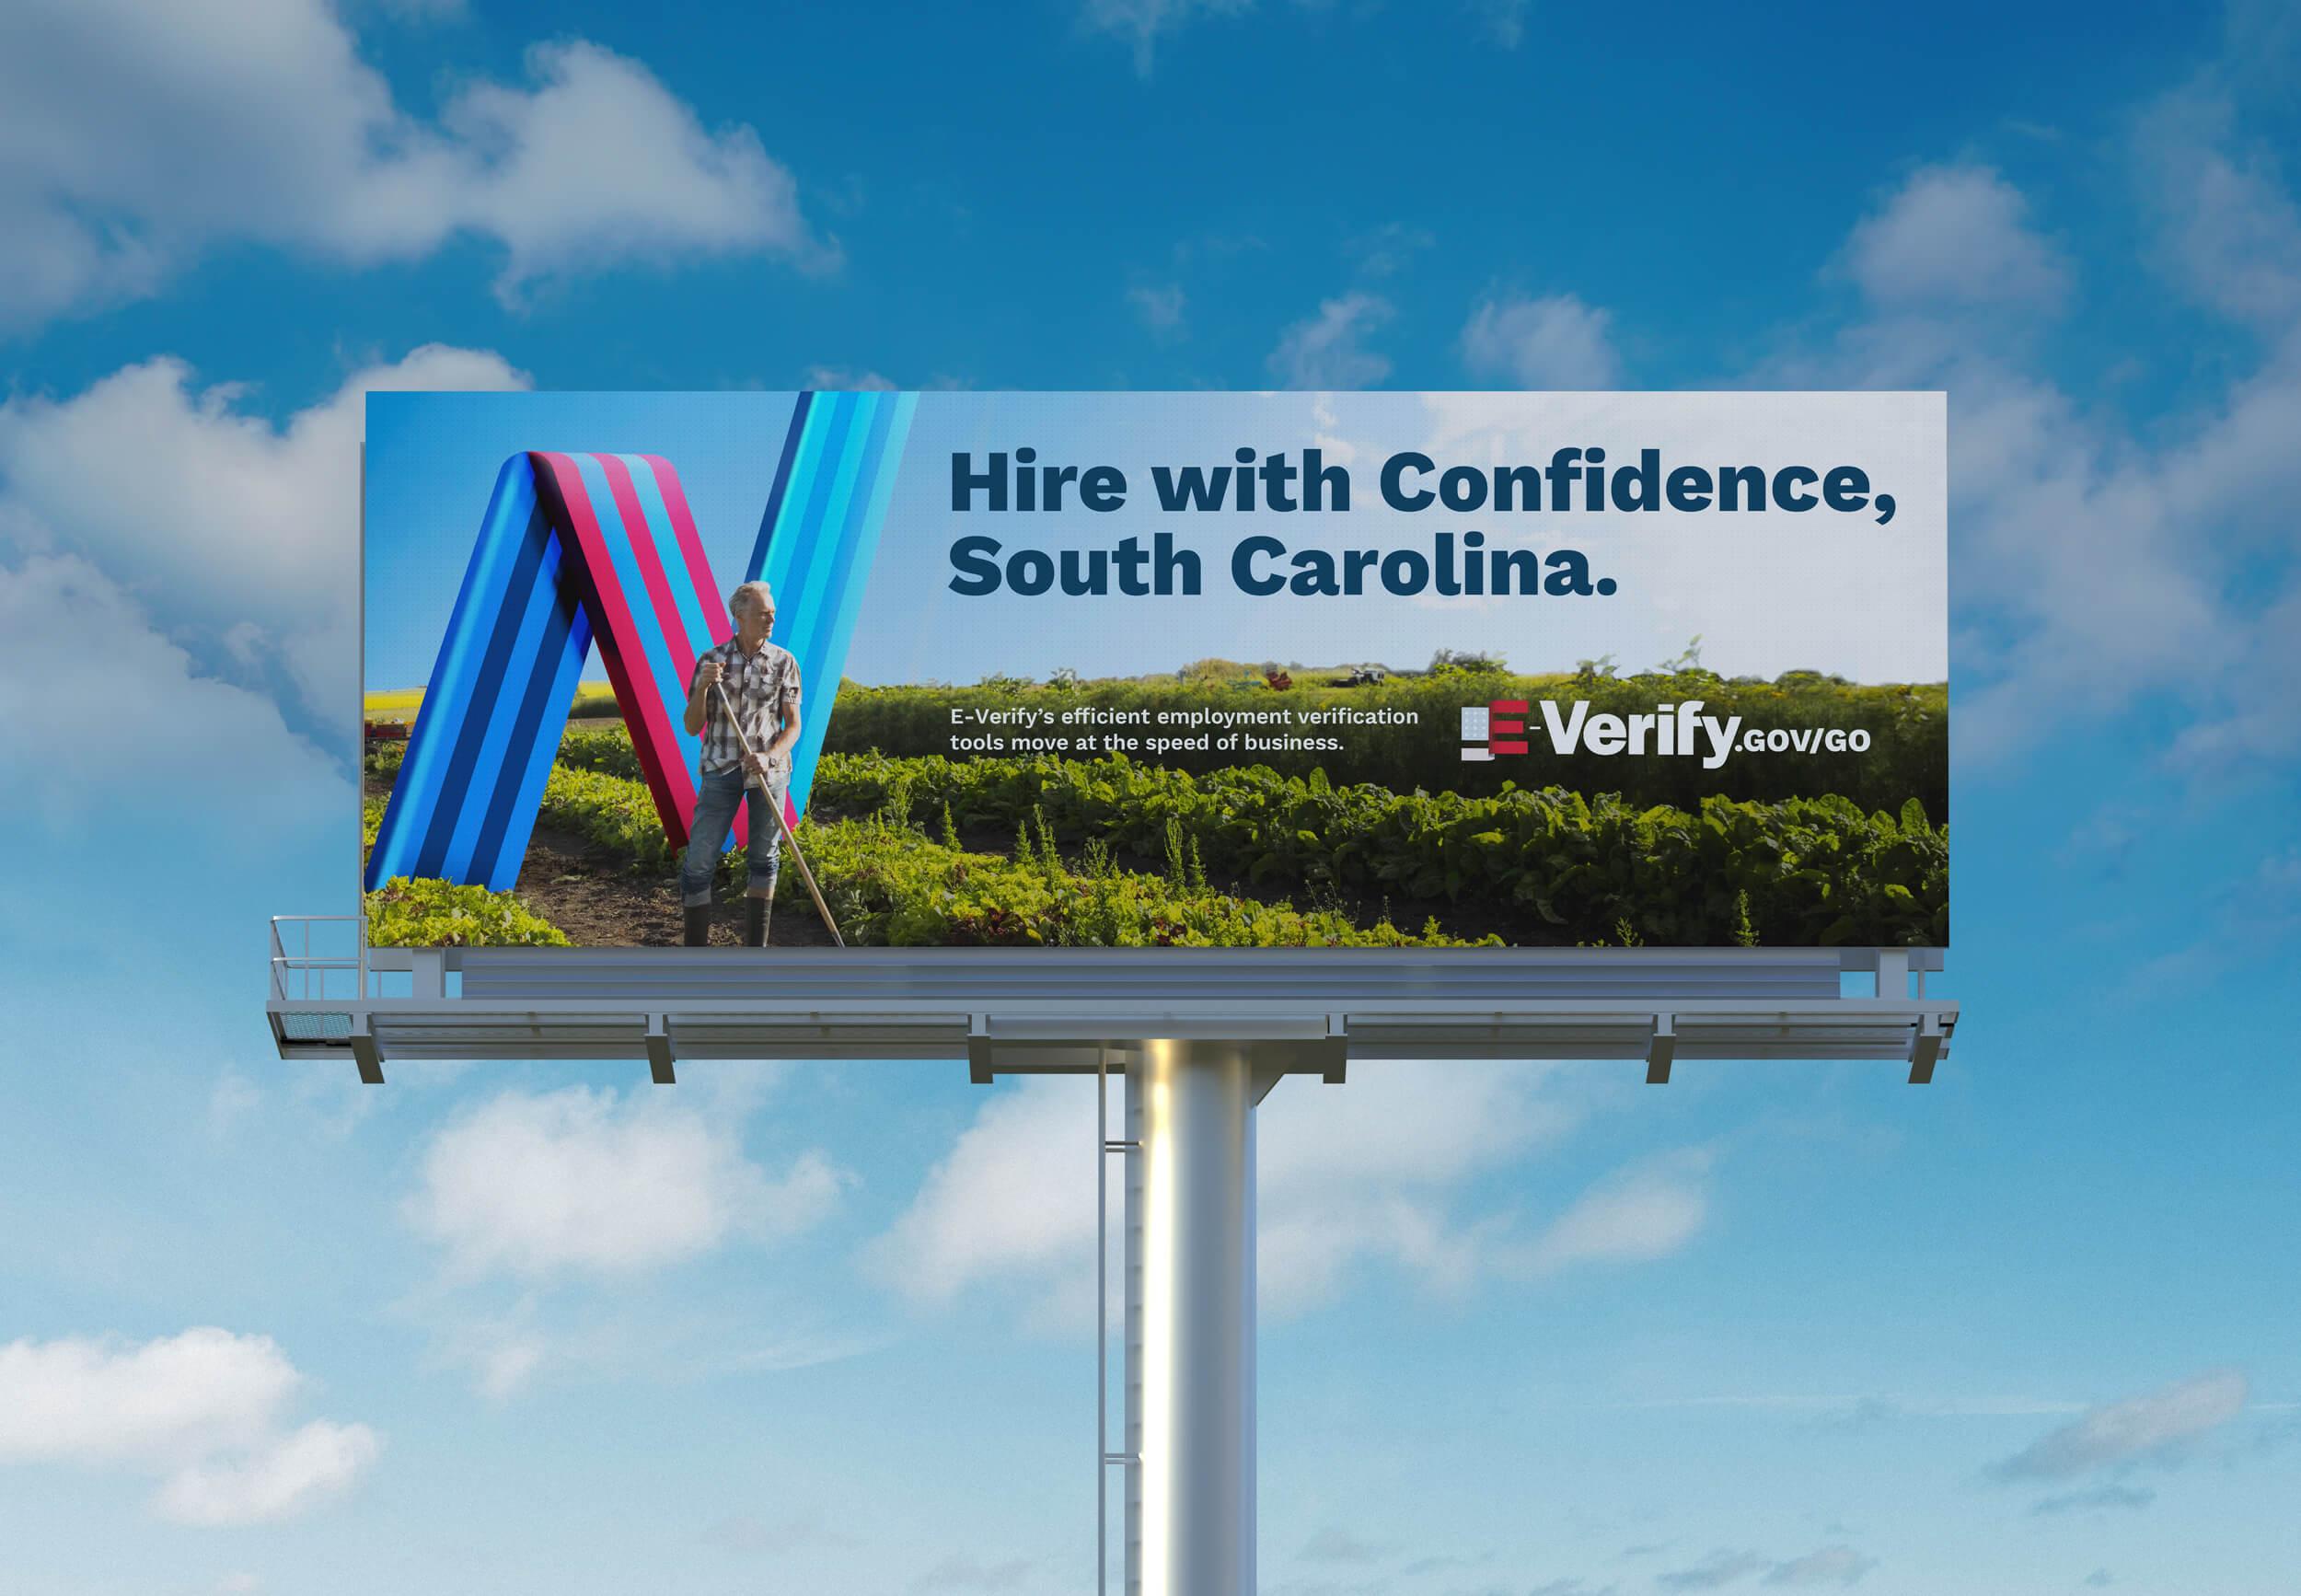 E-Verify Outdoor Board